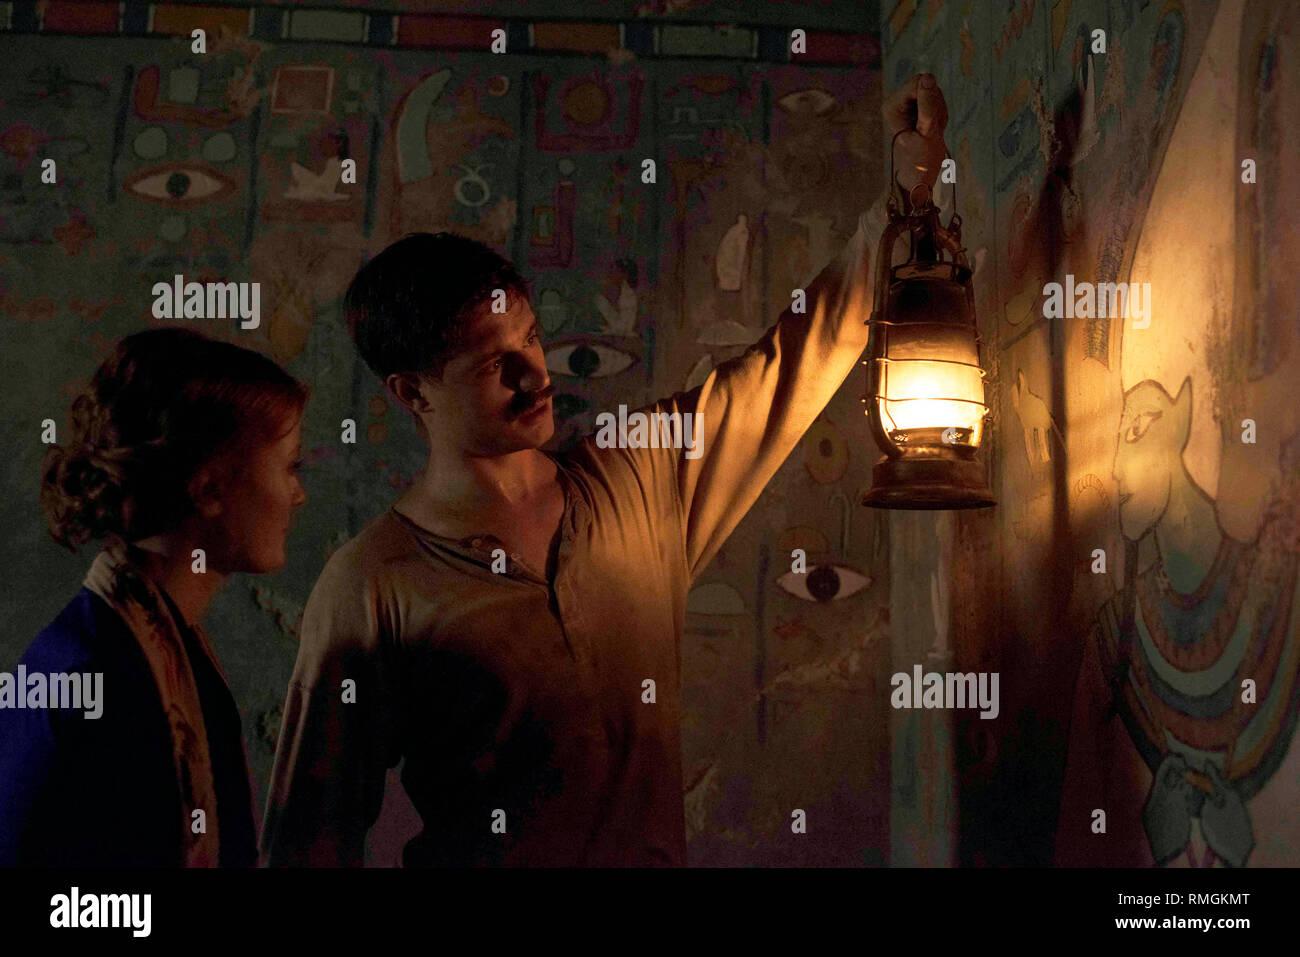 Amy Wren amy wren stock photos & amy wren stock images - alamy